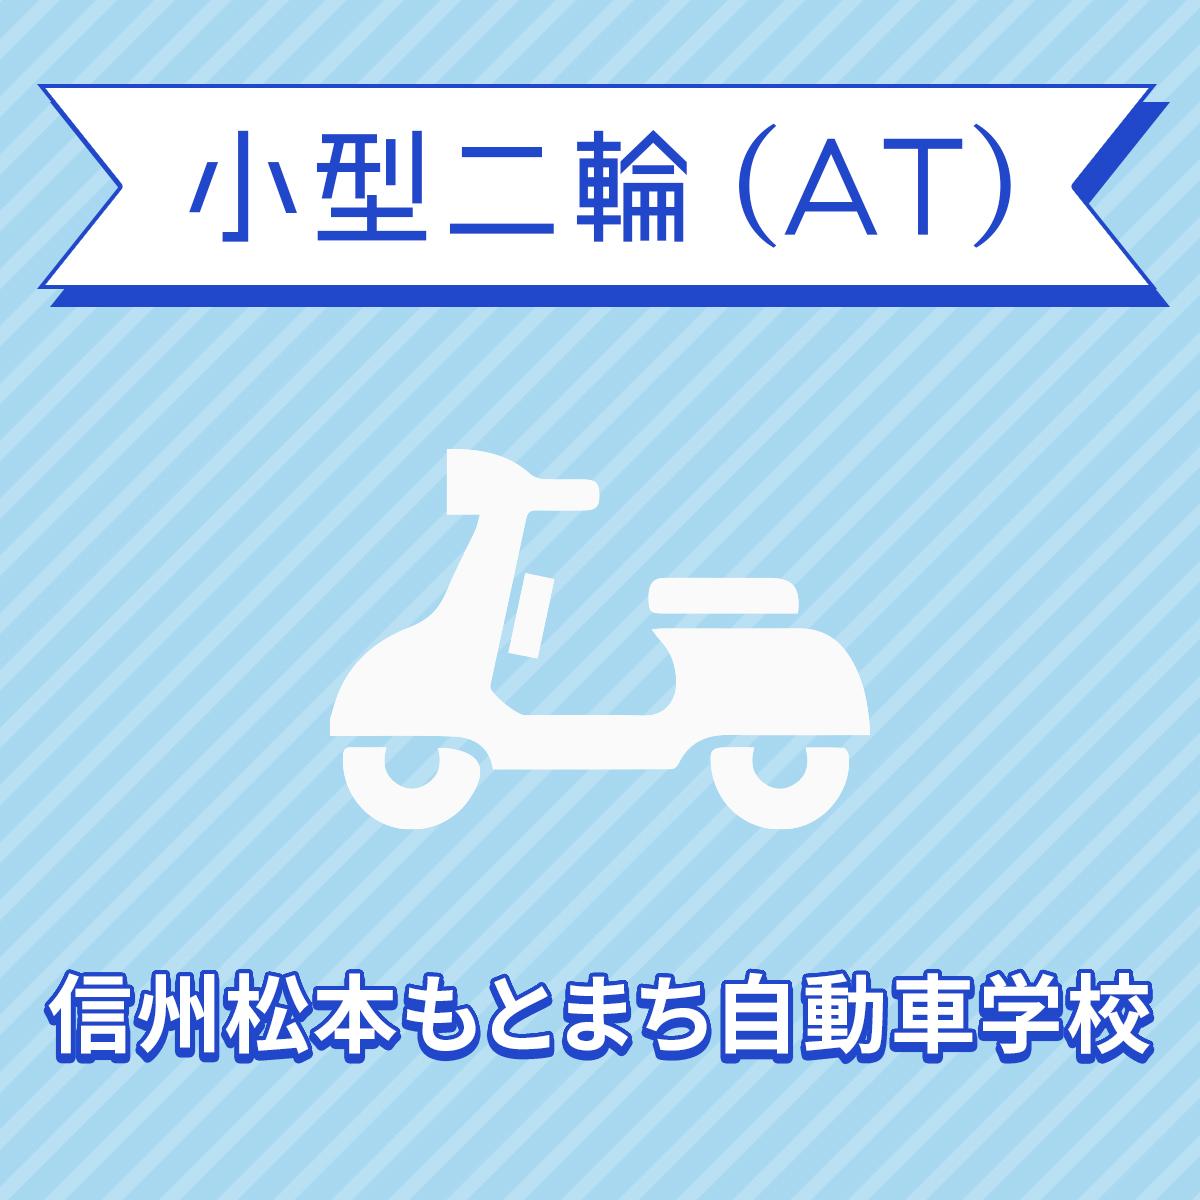 【長野県松本市】小型二輪ATコース<免許なし/原付免許所持対象>